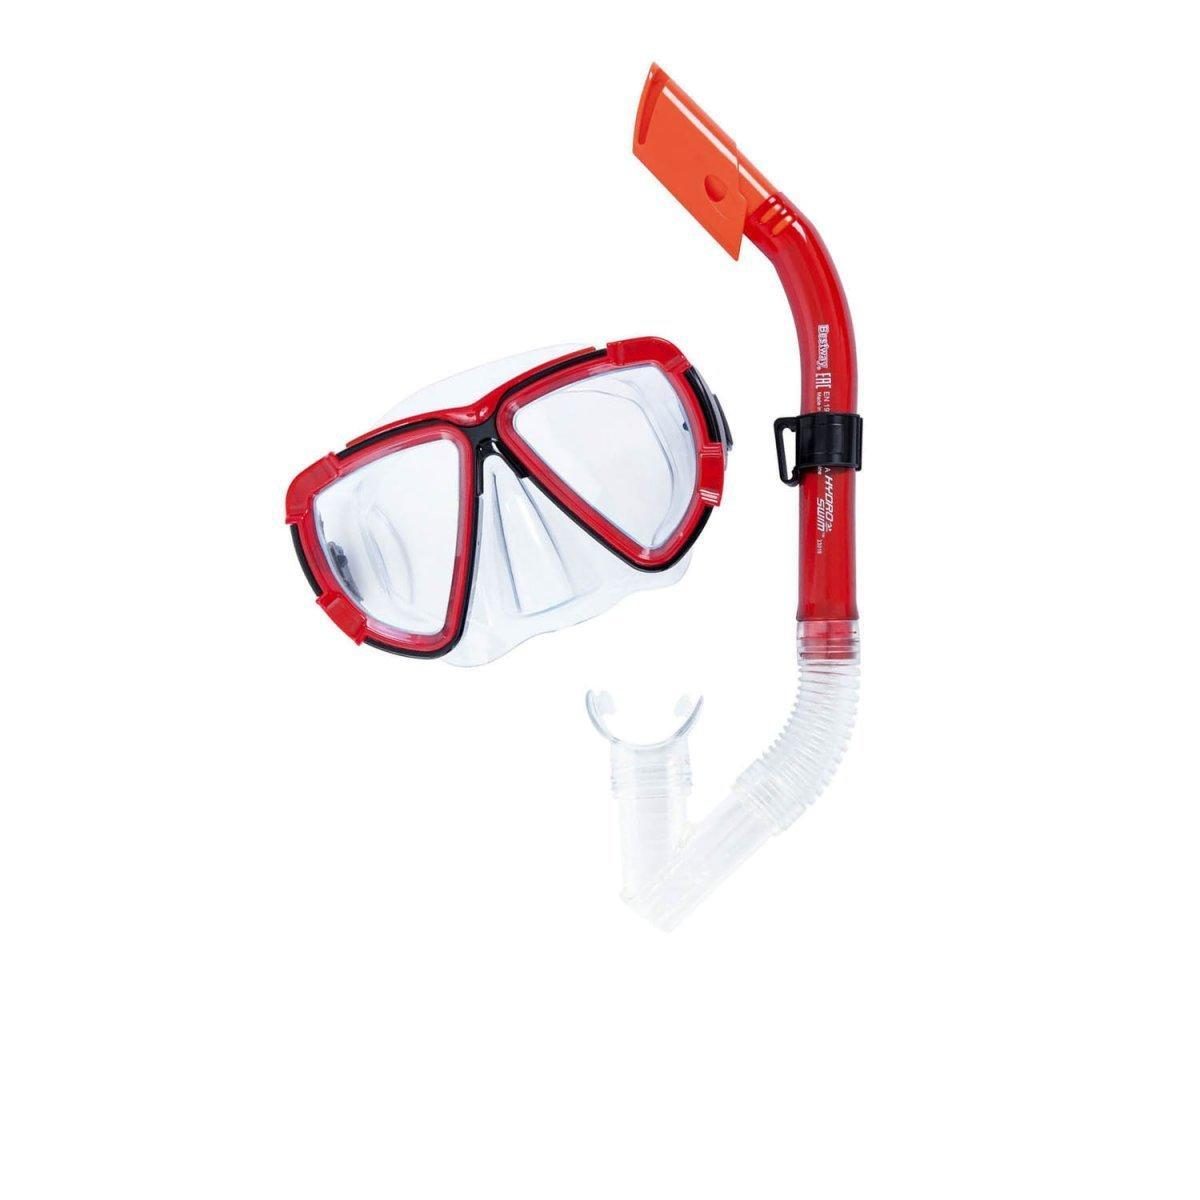 Набор 2 в 1 для плавания Bestway 24029 (маска: размер XL, (10+), обхват головы ≈ 56 см, трубка), красный